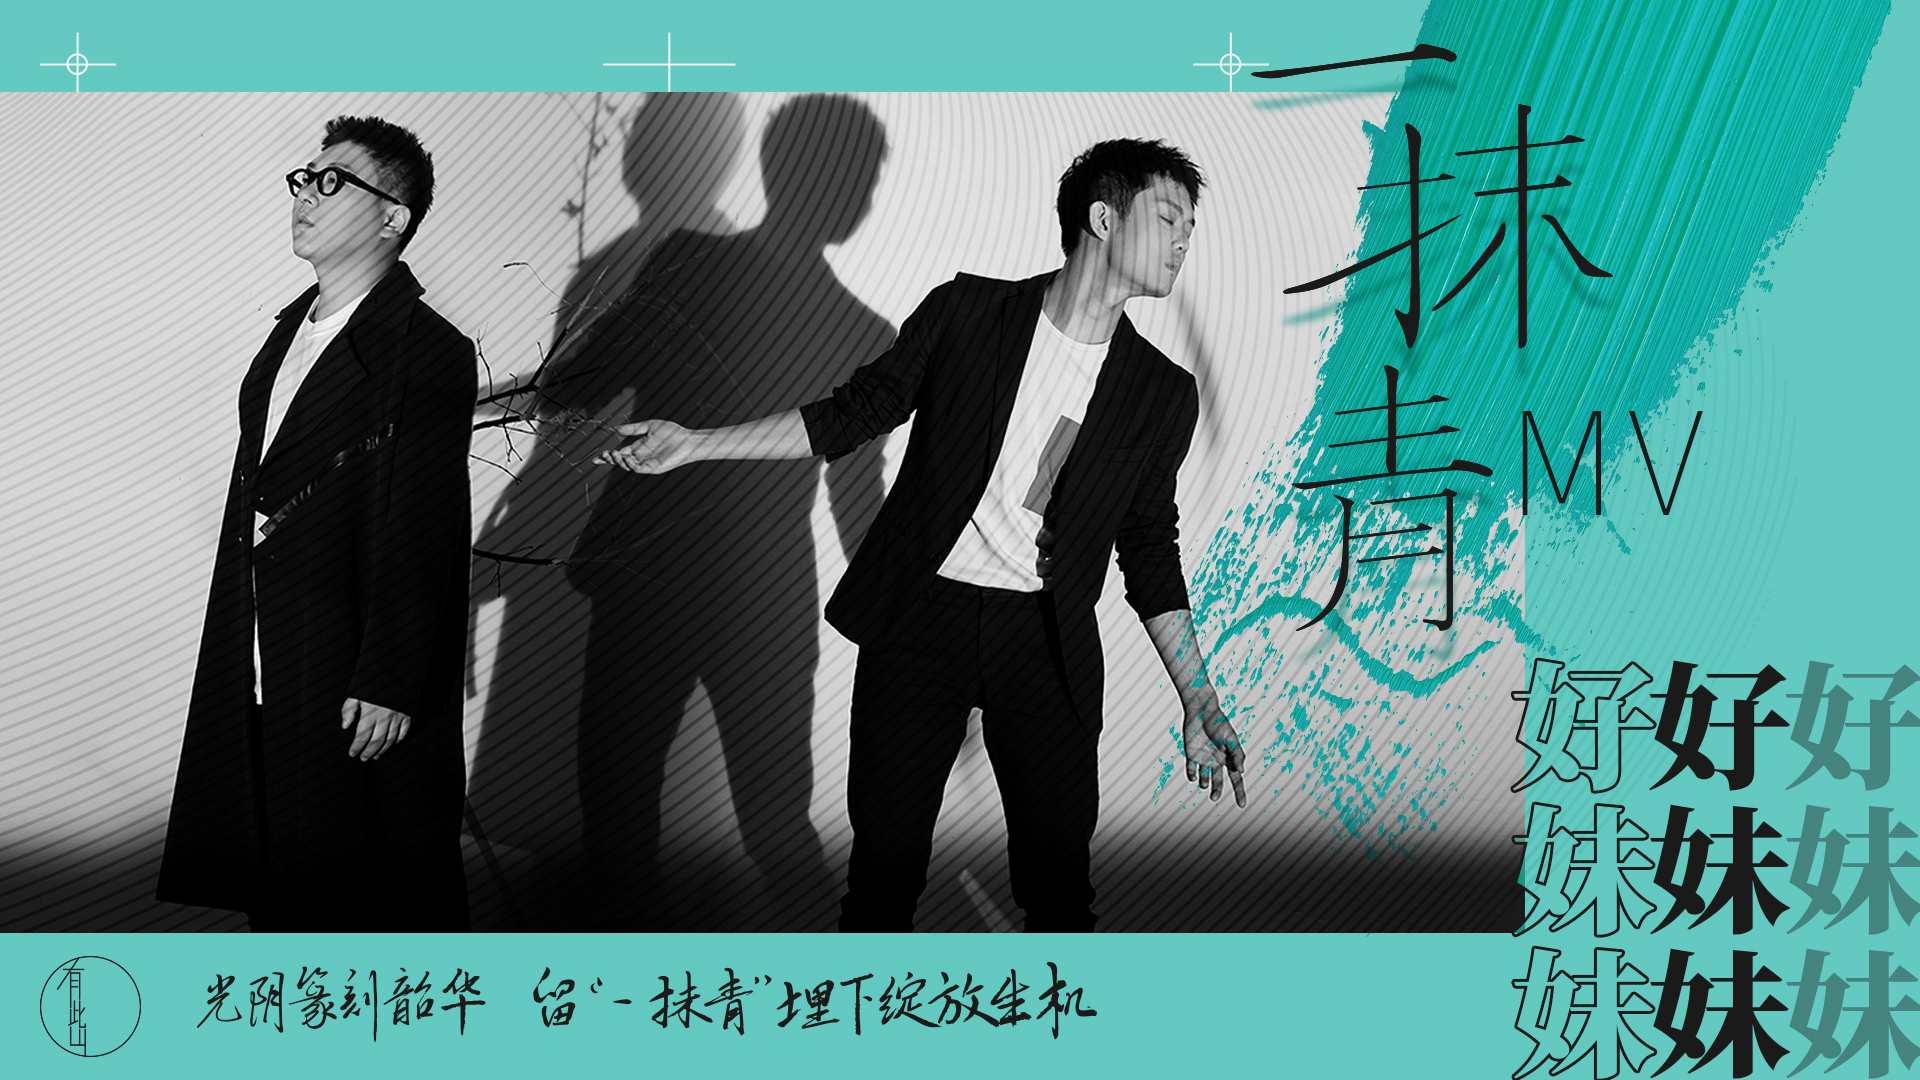 好妹妹十周年年度單曲《一抹青》MV 正式上線.jpg